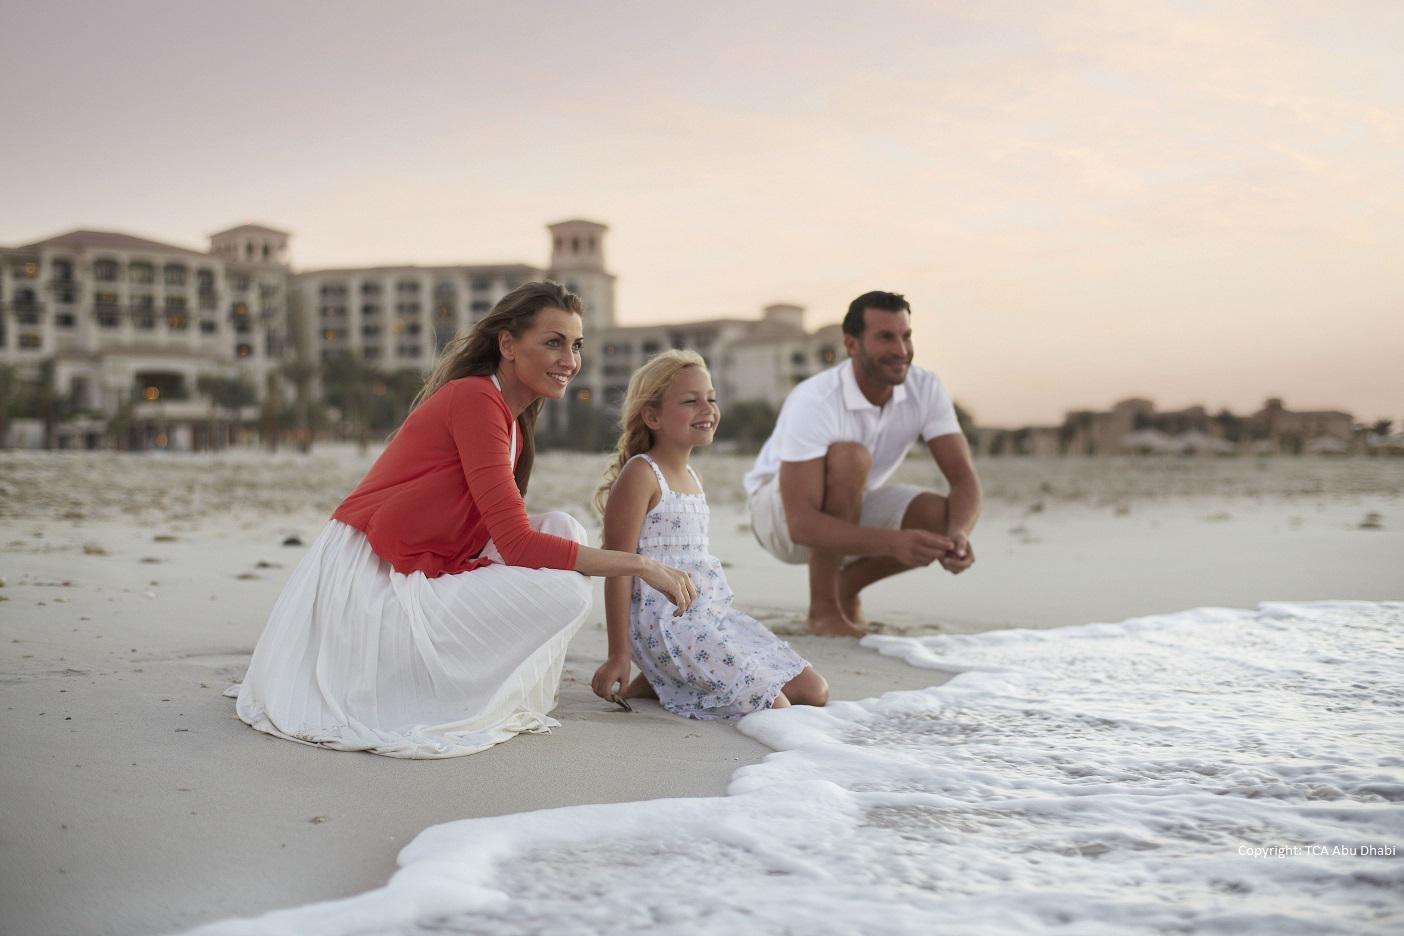 urlaub mit kids f r ihren perfekten familienurlaub. Black Bedroom Furniture Sets. Home Design Ideas